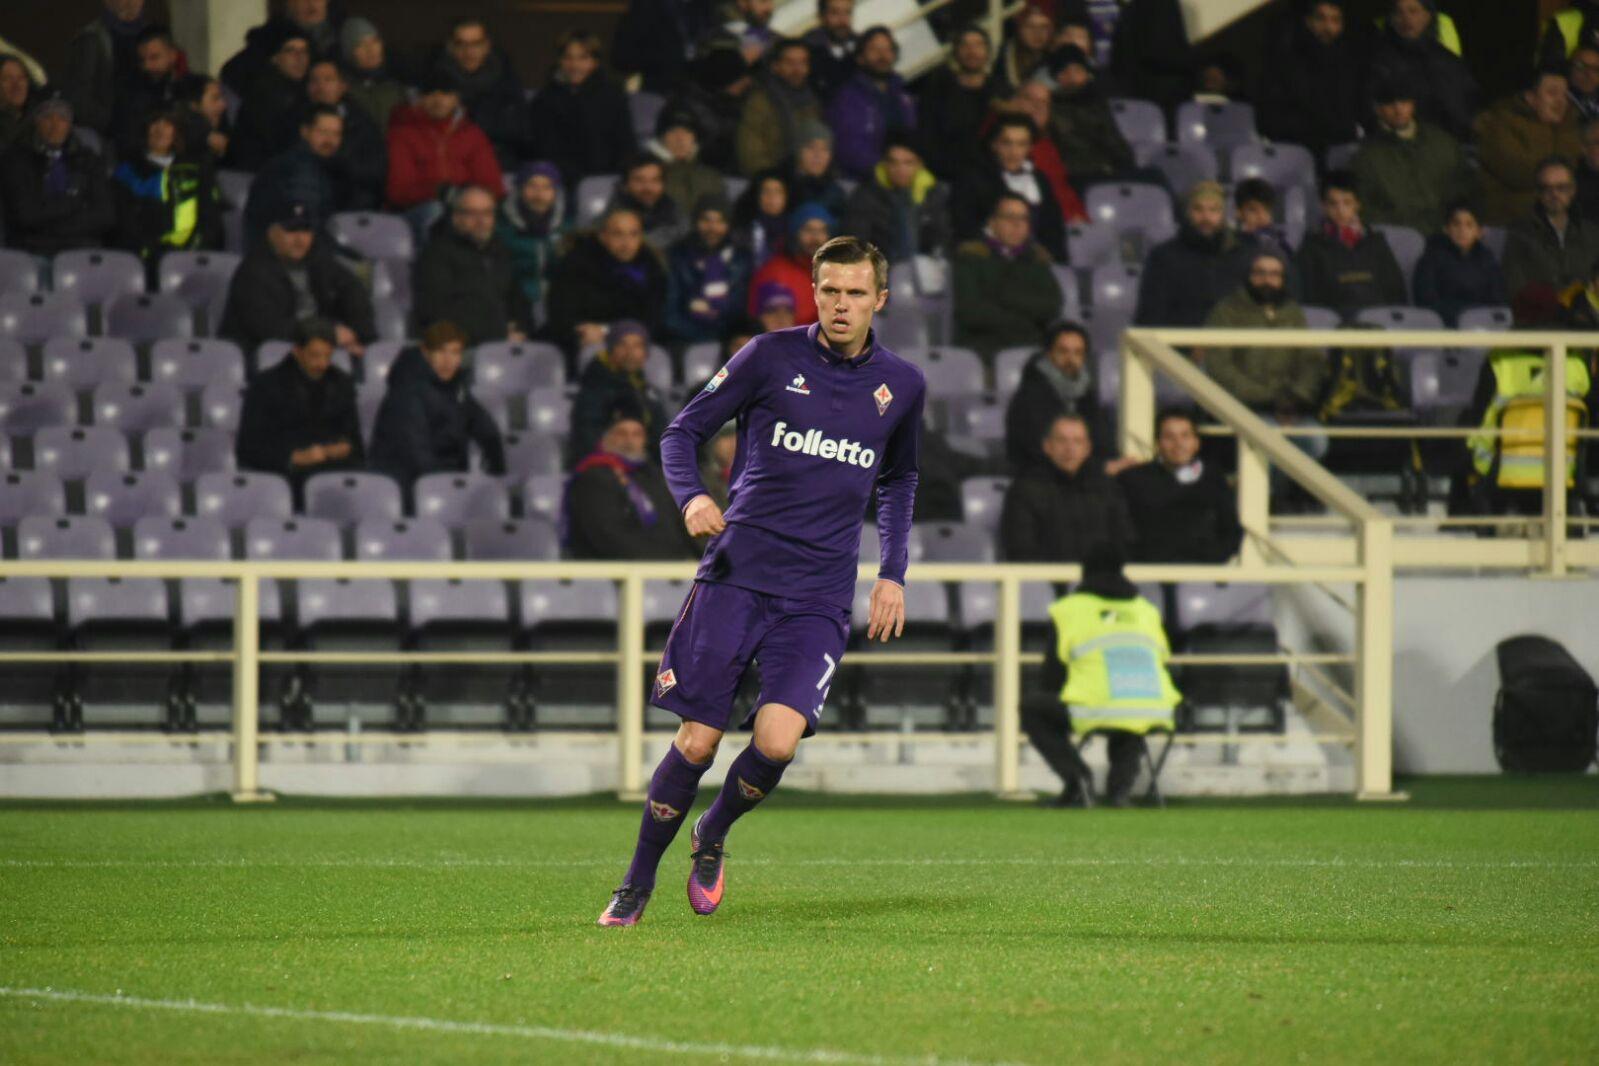 """Di Marzio: """"Ilicic sbarcato a Bergamo, 5 milioni alla Fiorentina. Simeone e Politano aspettano solo che i Viola si facciano avanti"""""""